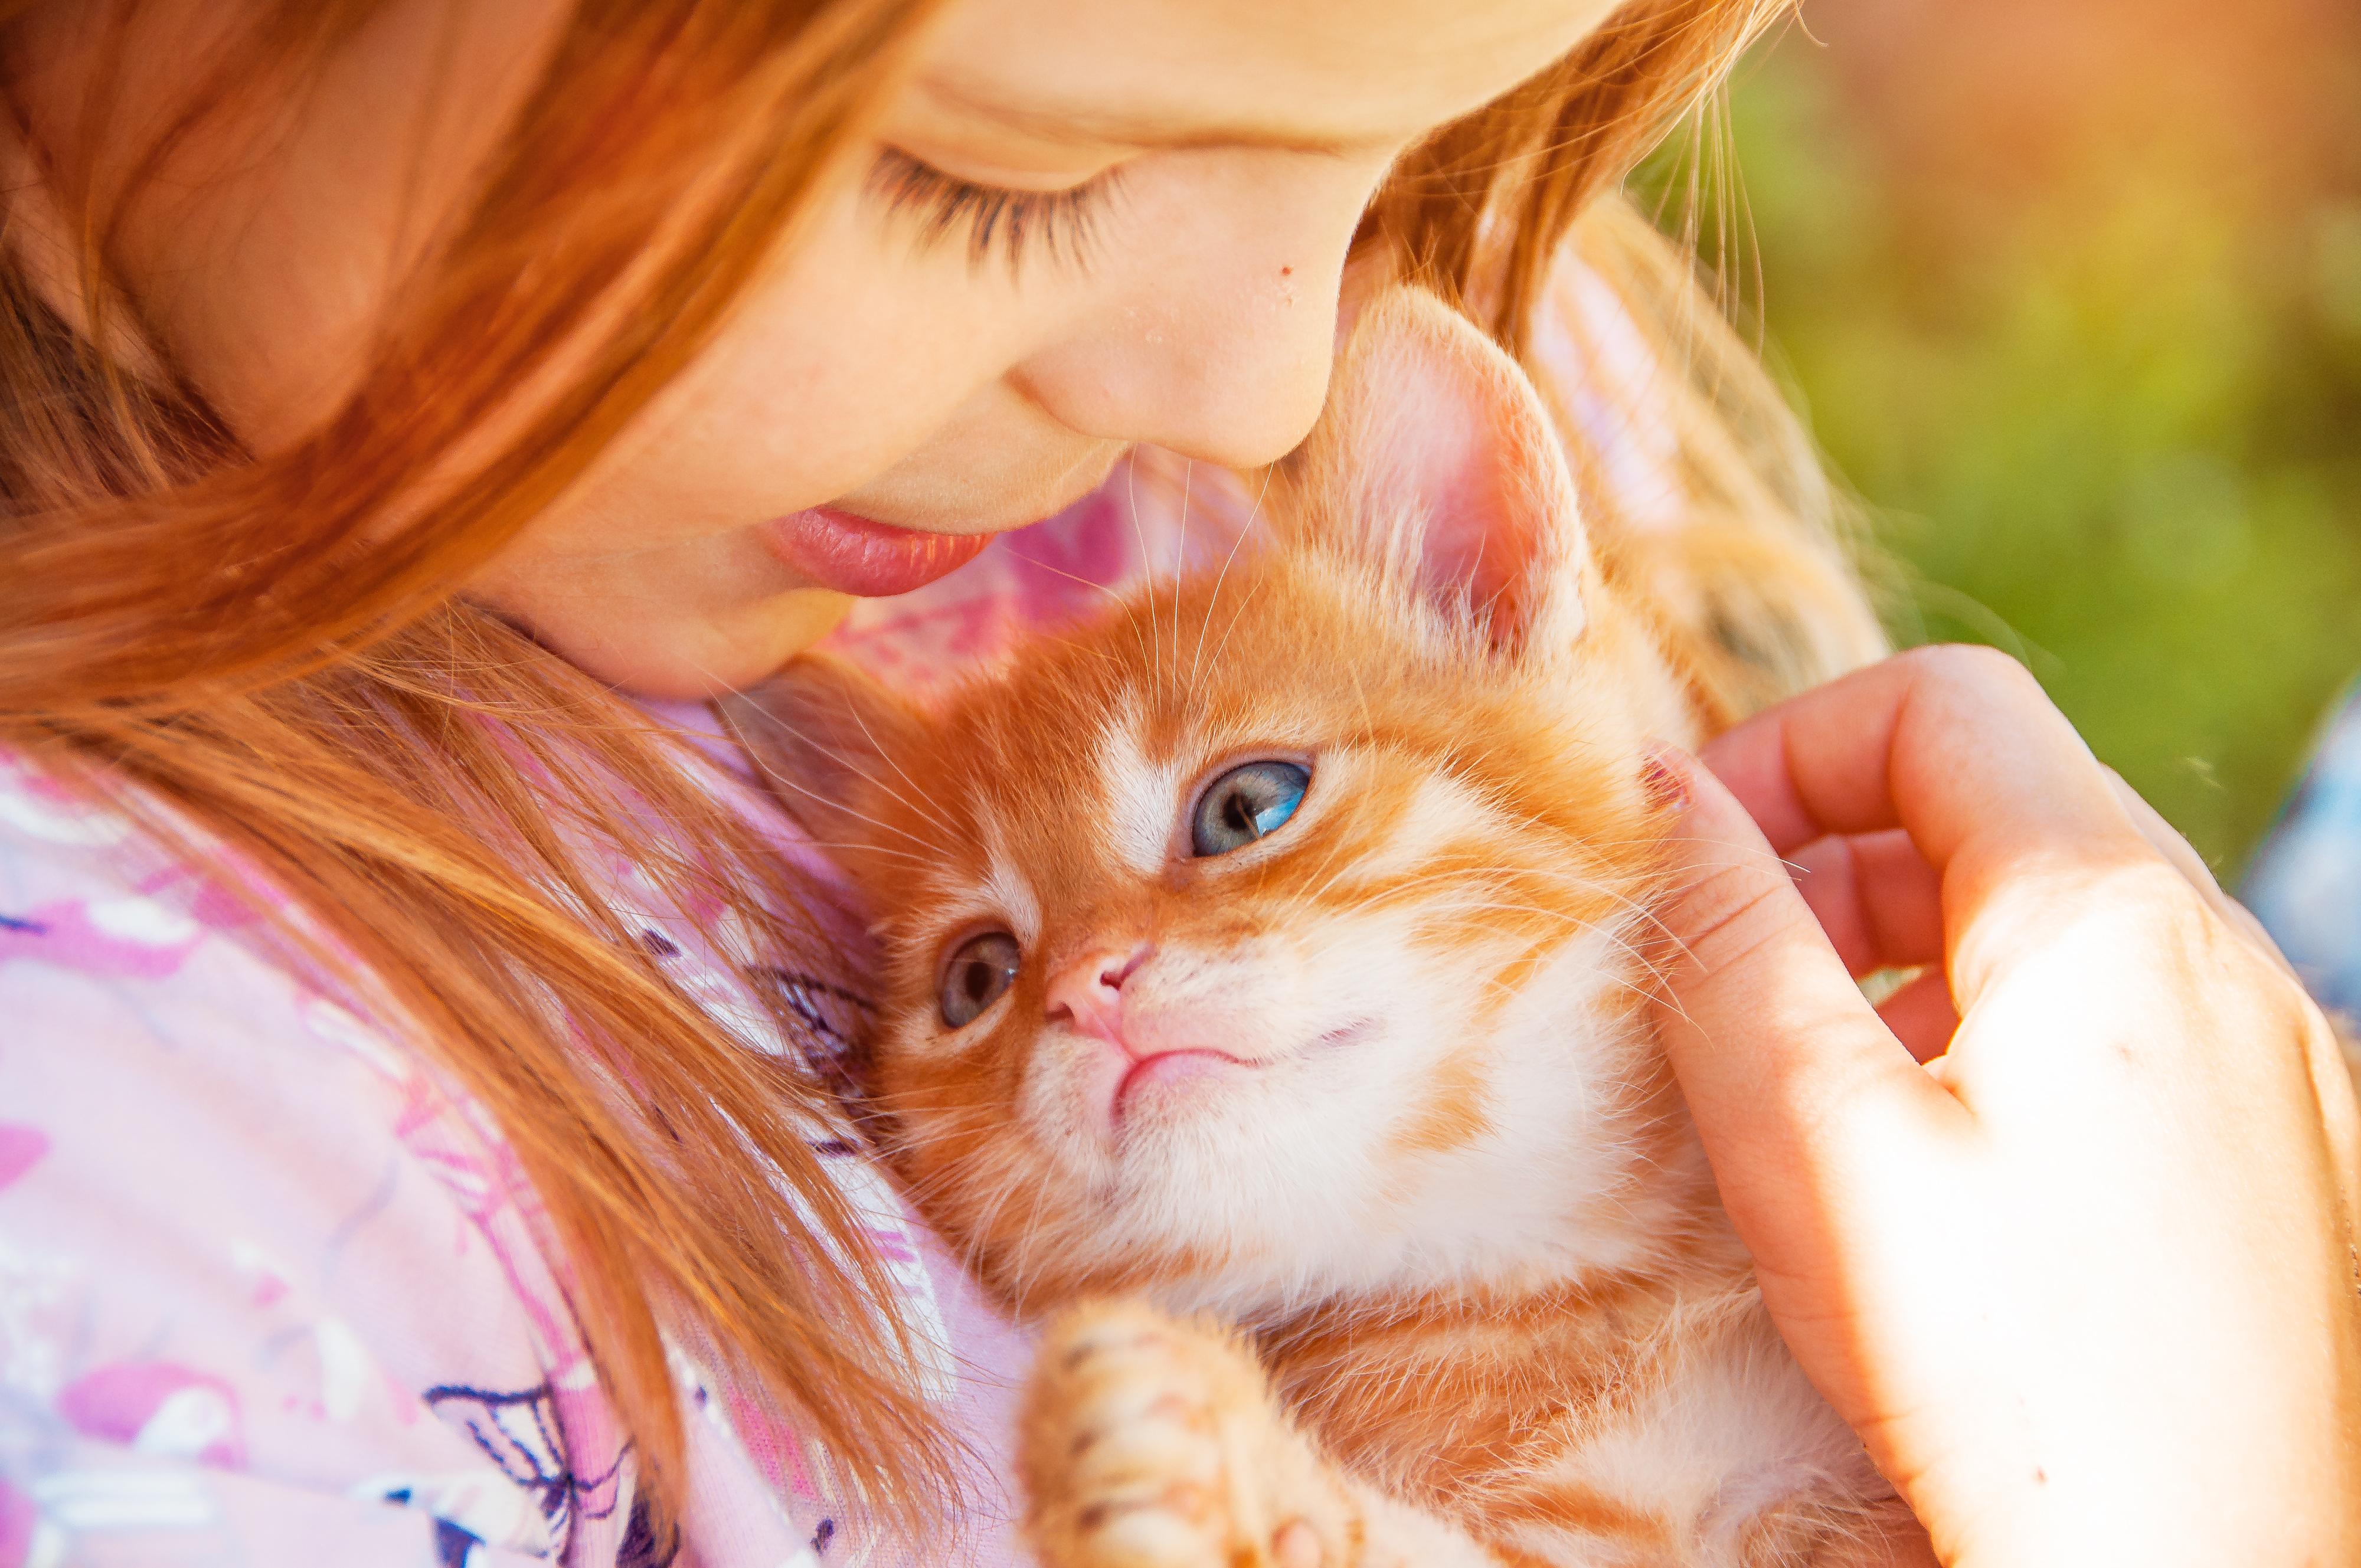 Як дізнатися, скільки кошеняті місяців, використовуючи нехитрі дані